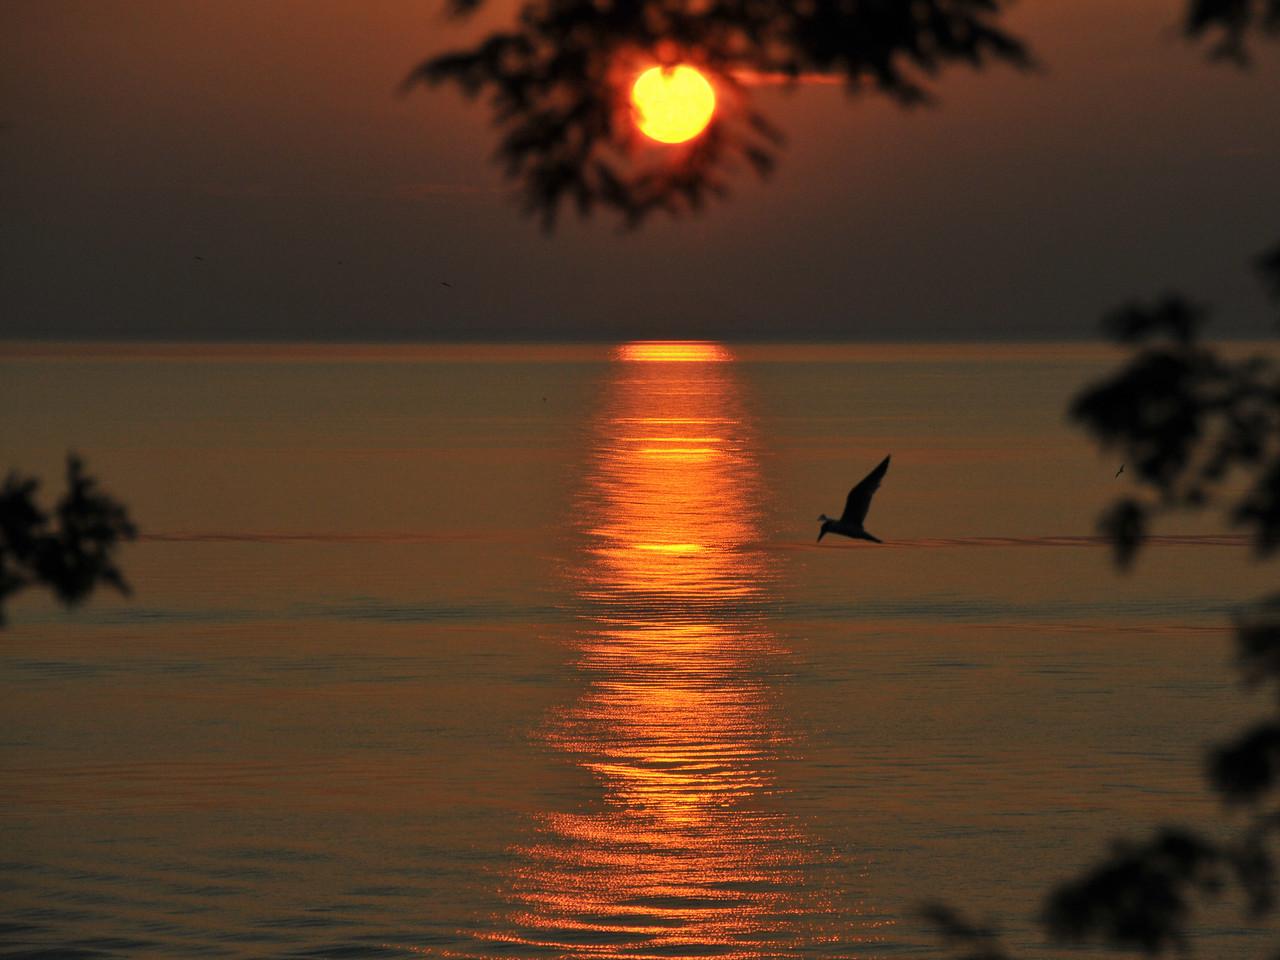 Soaring At Sunset